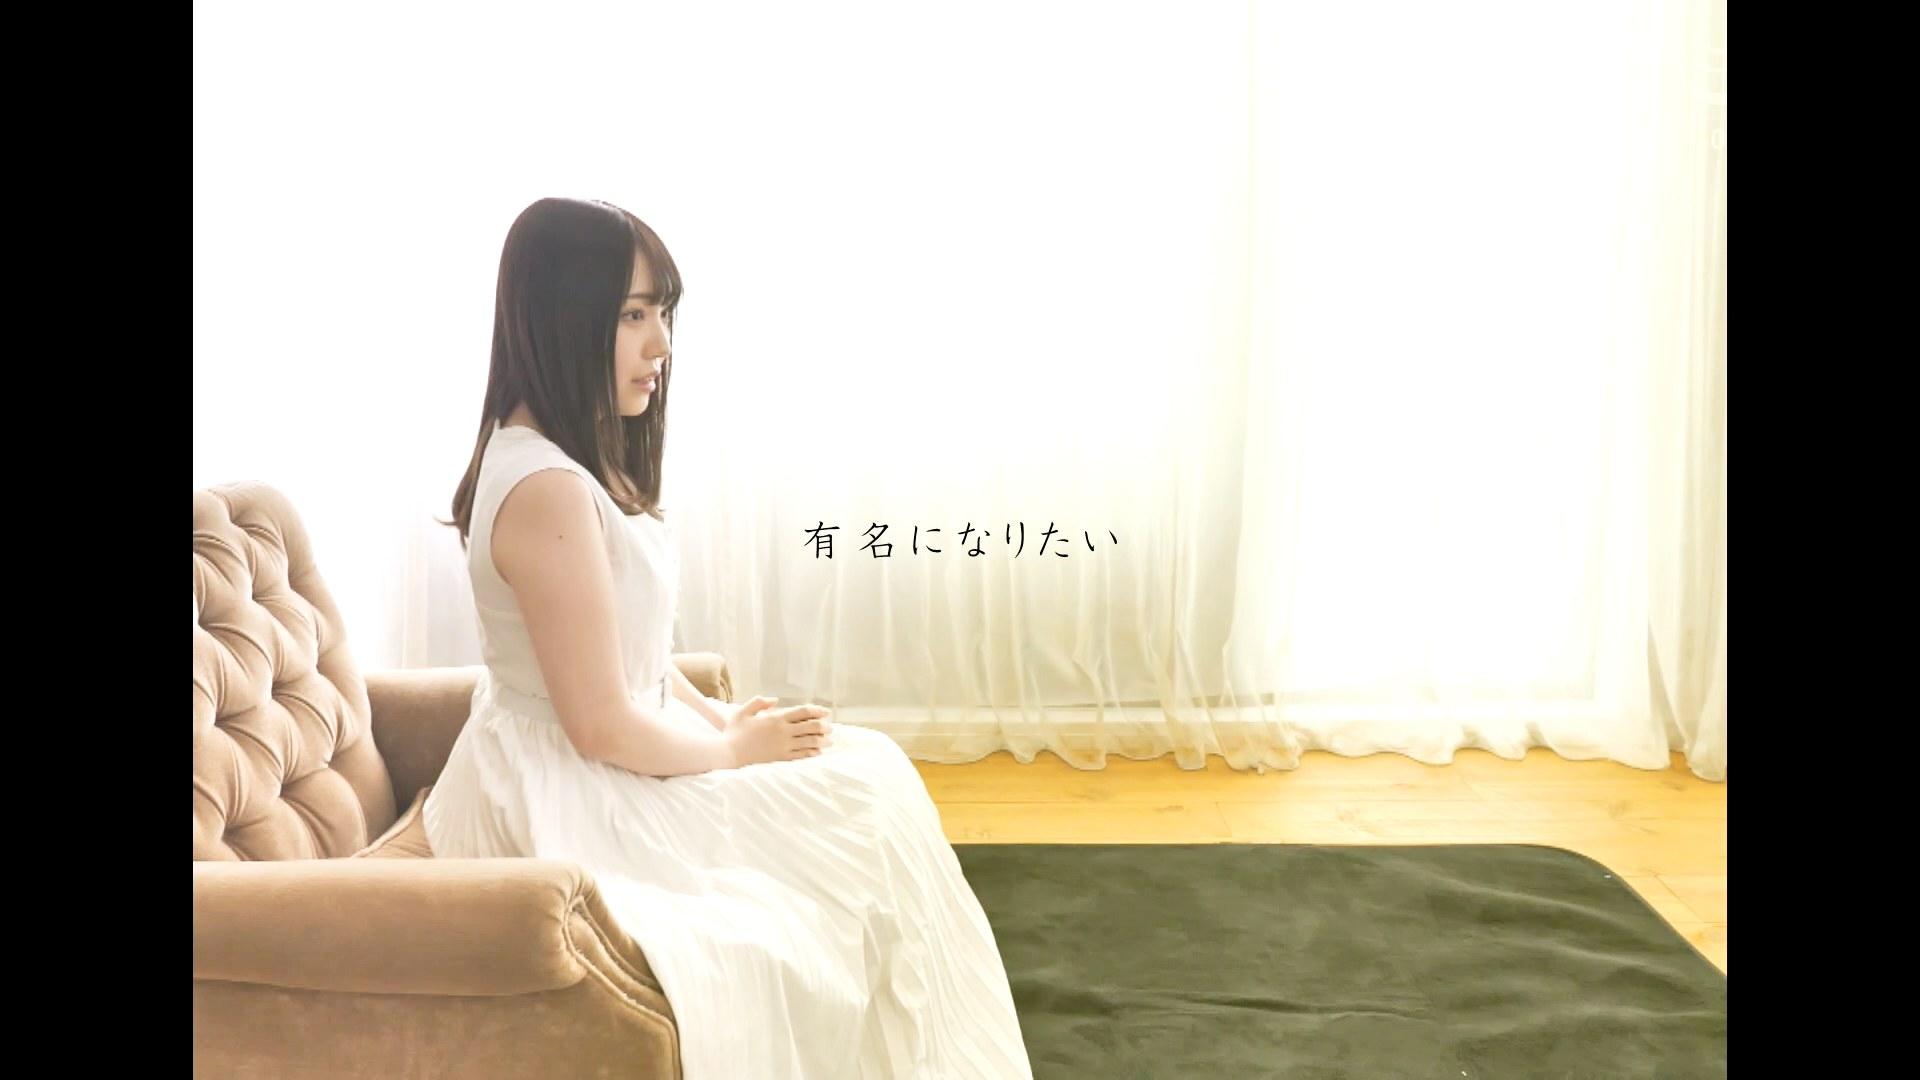 新人 プレステージ専属デビュー アイドル育ちのニューヒロイン! 時田萌々のサンプル動画